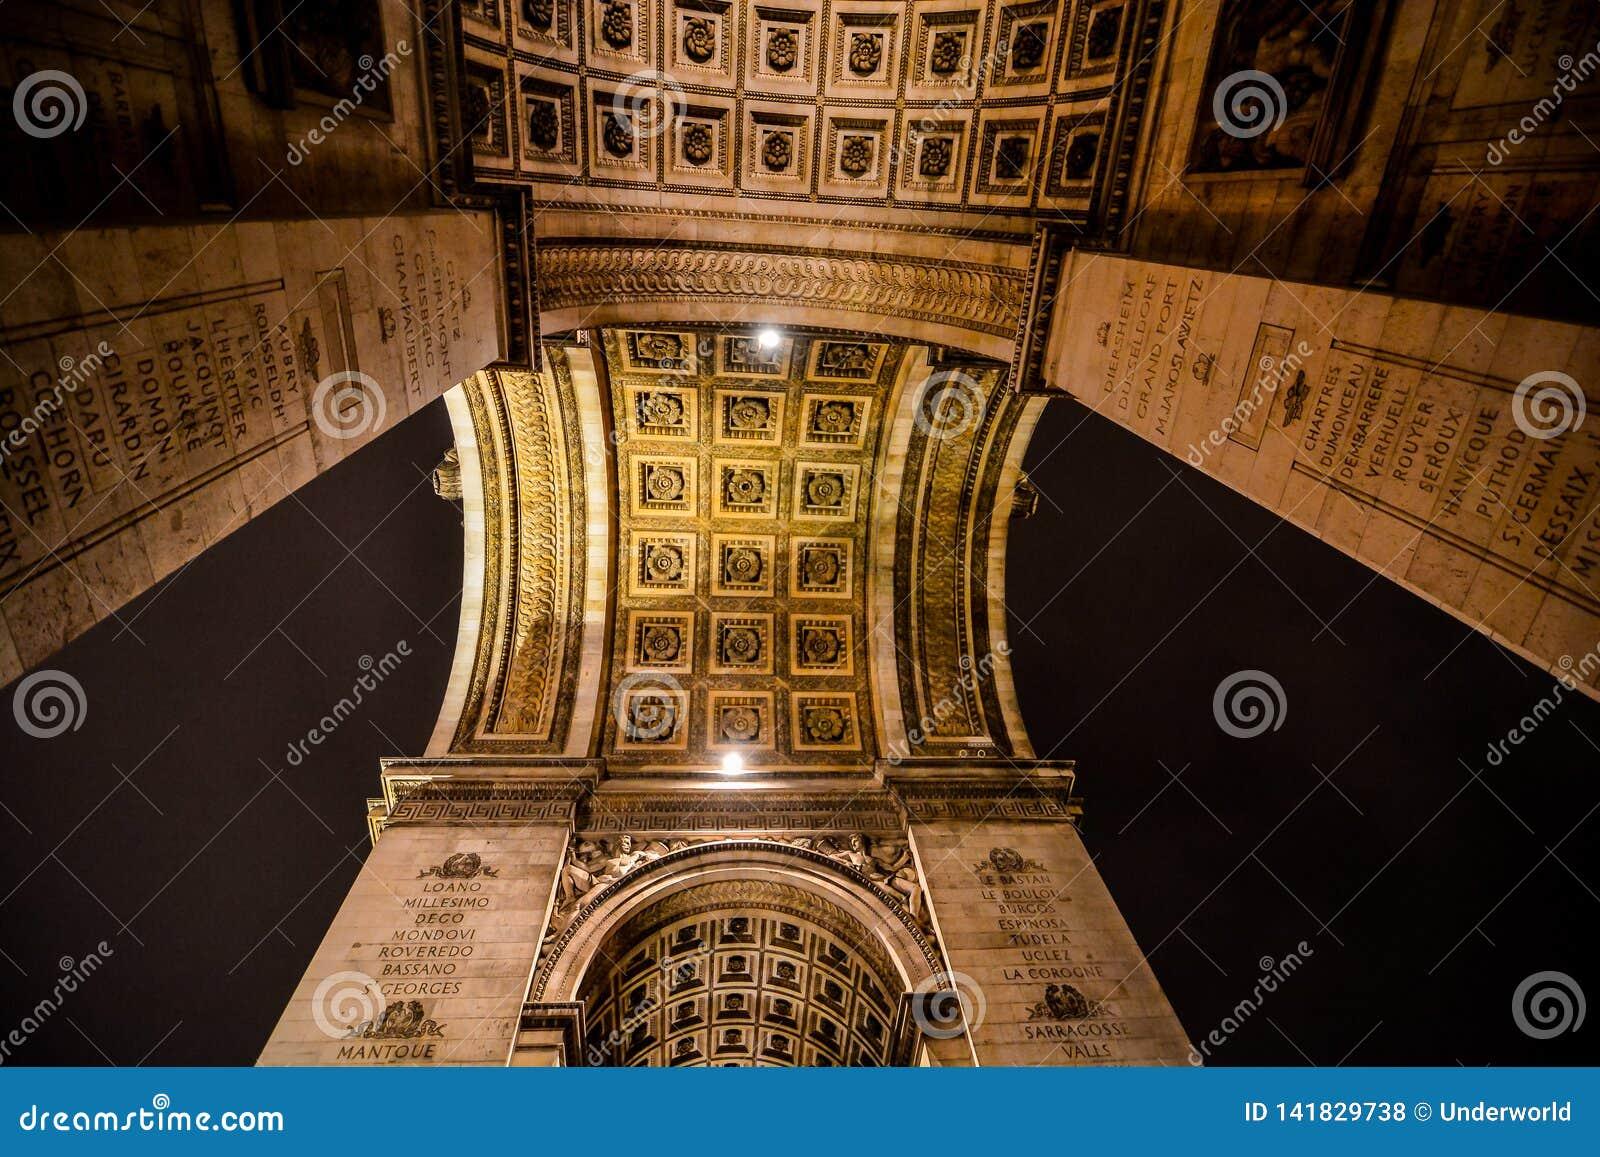 Arc de Triomphe la nuit, image de photo une belle vue panoramique de ville de la métropolitaine de Paris